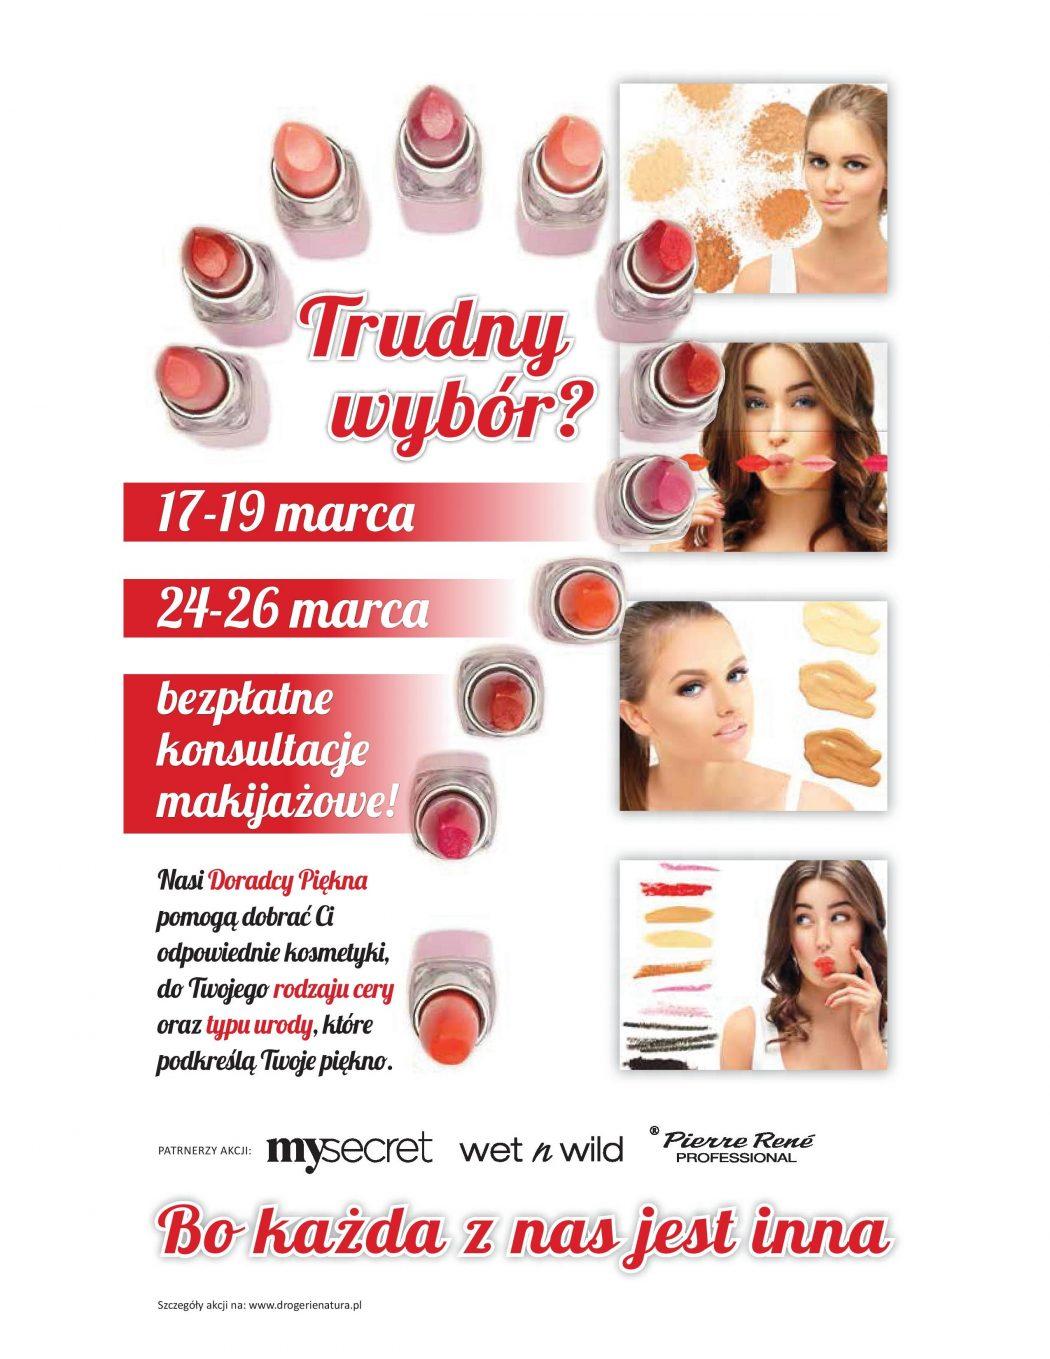 magazynkobiet.pl - Konsultacje makijazowe Natura 1050x1359 - Bezpłatne konsultacje makijażowe w drogeriach Natura